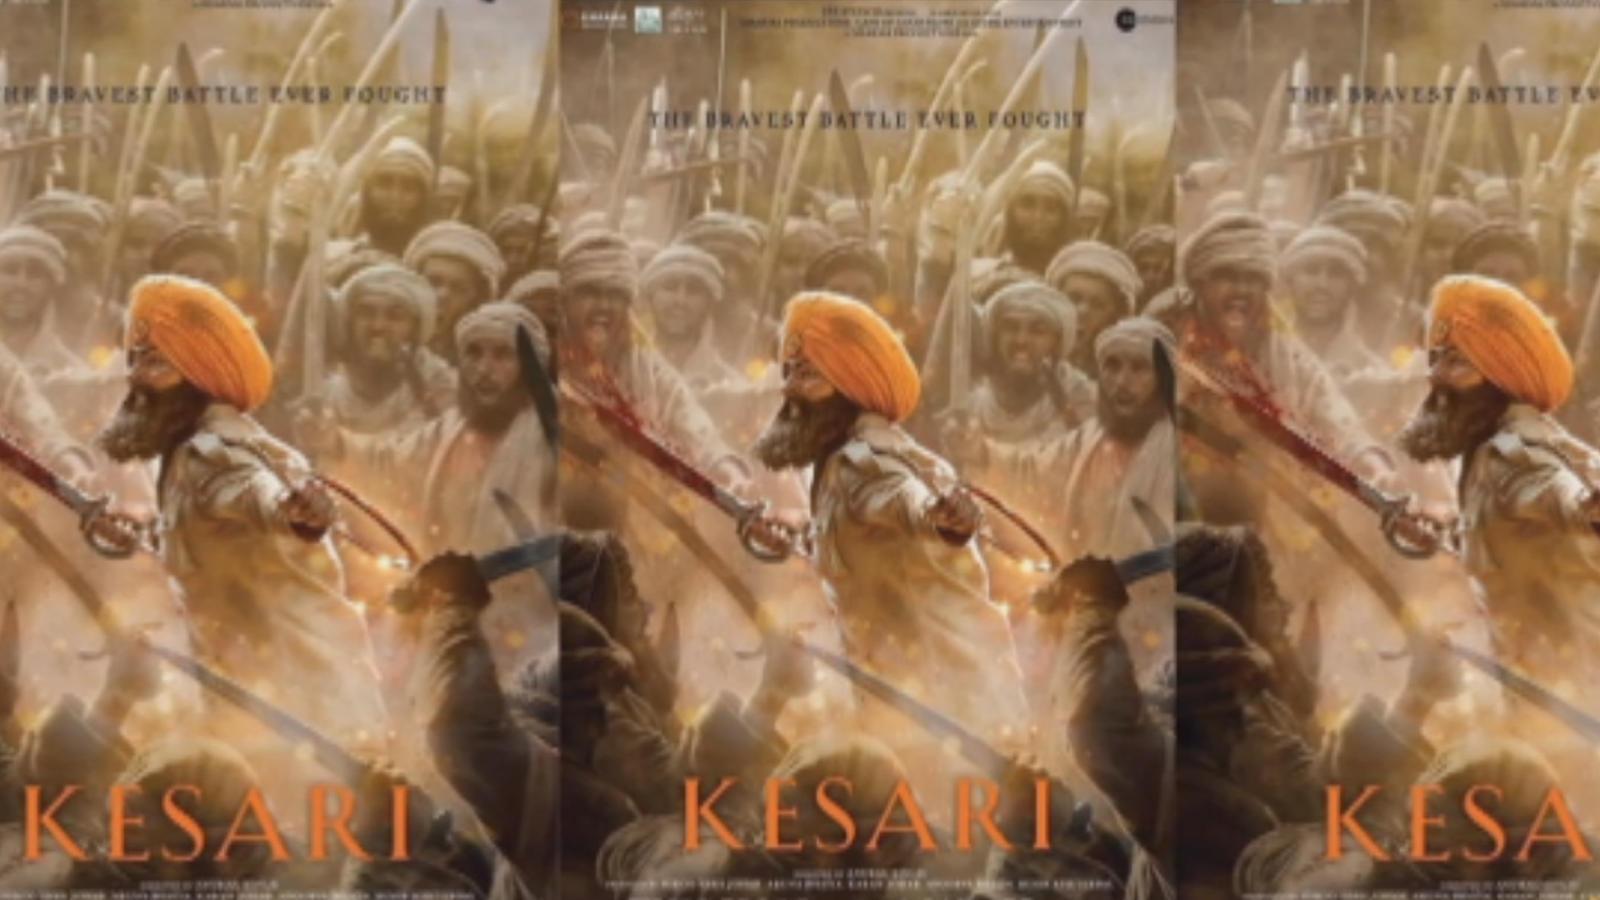 Historical drama 'Kesari' enters Rs 100 crore club